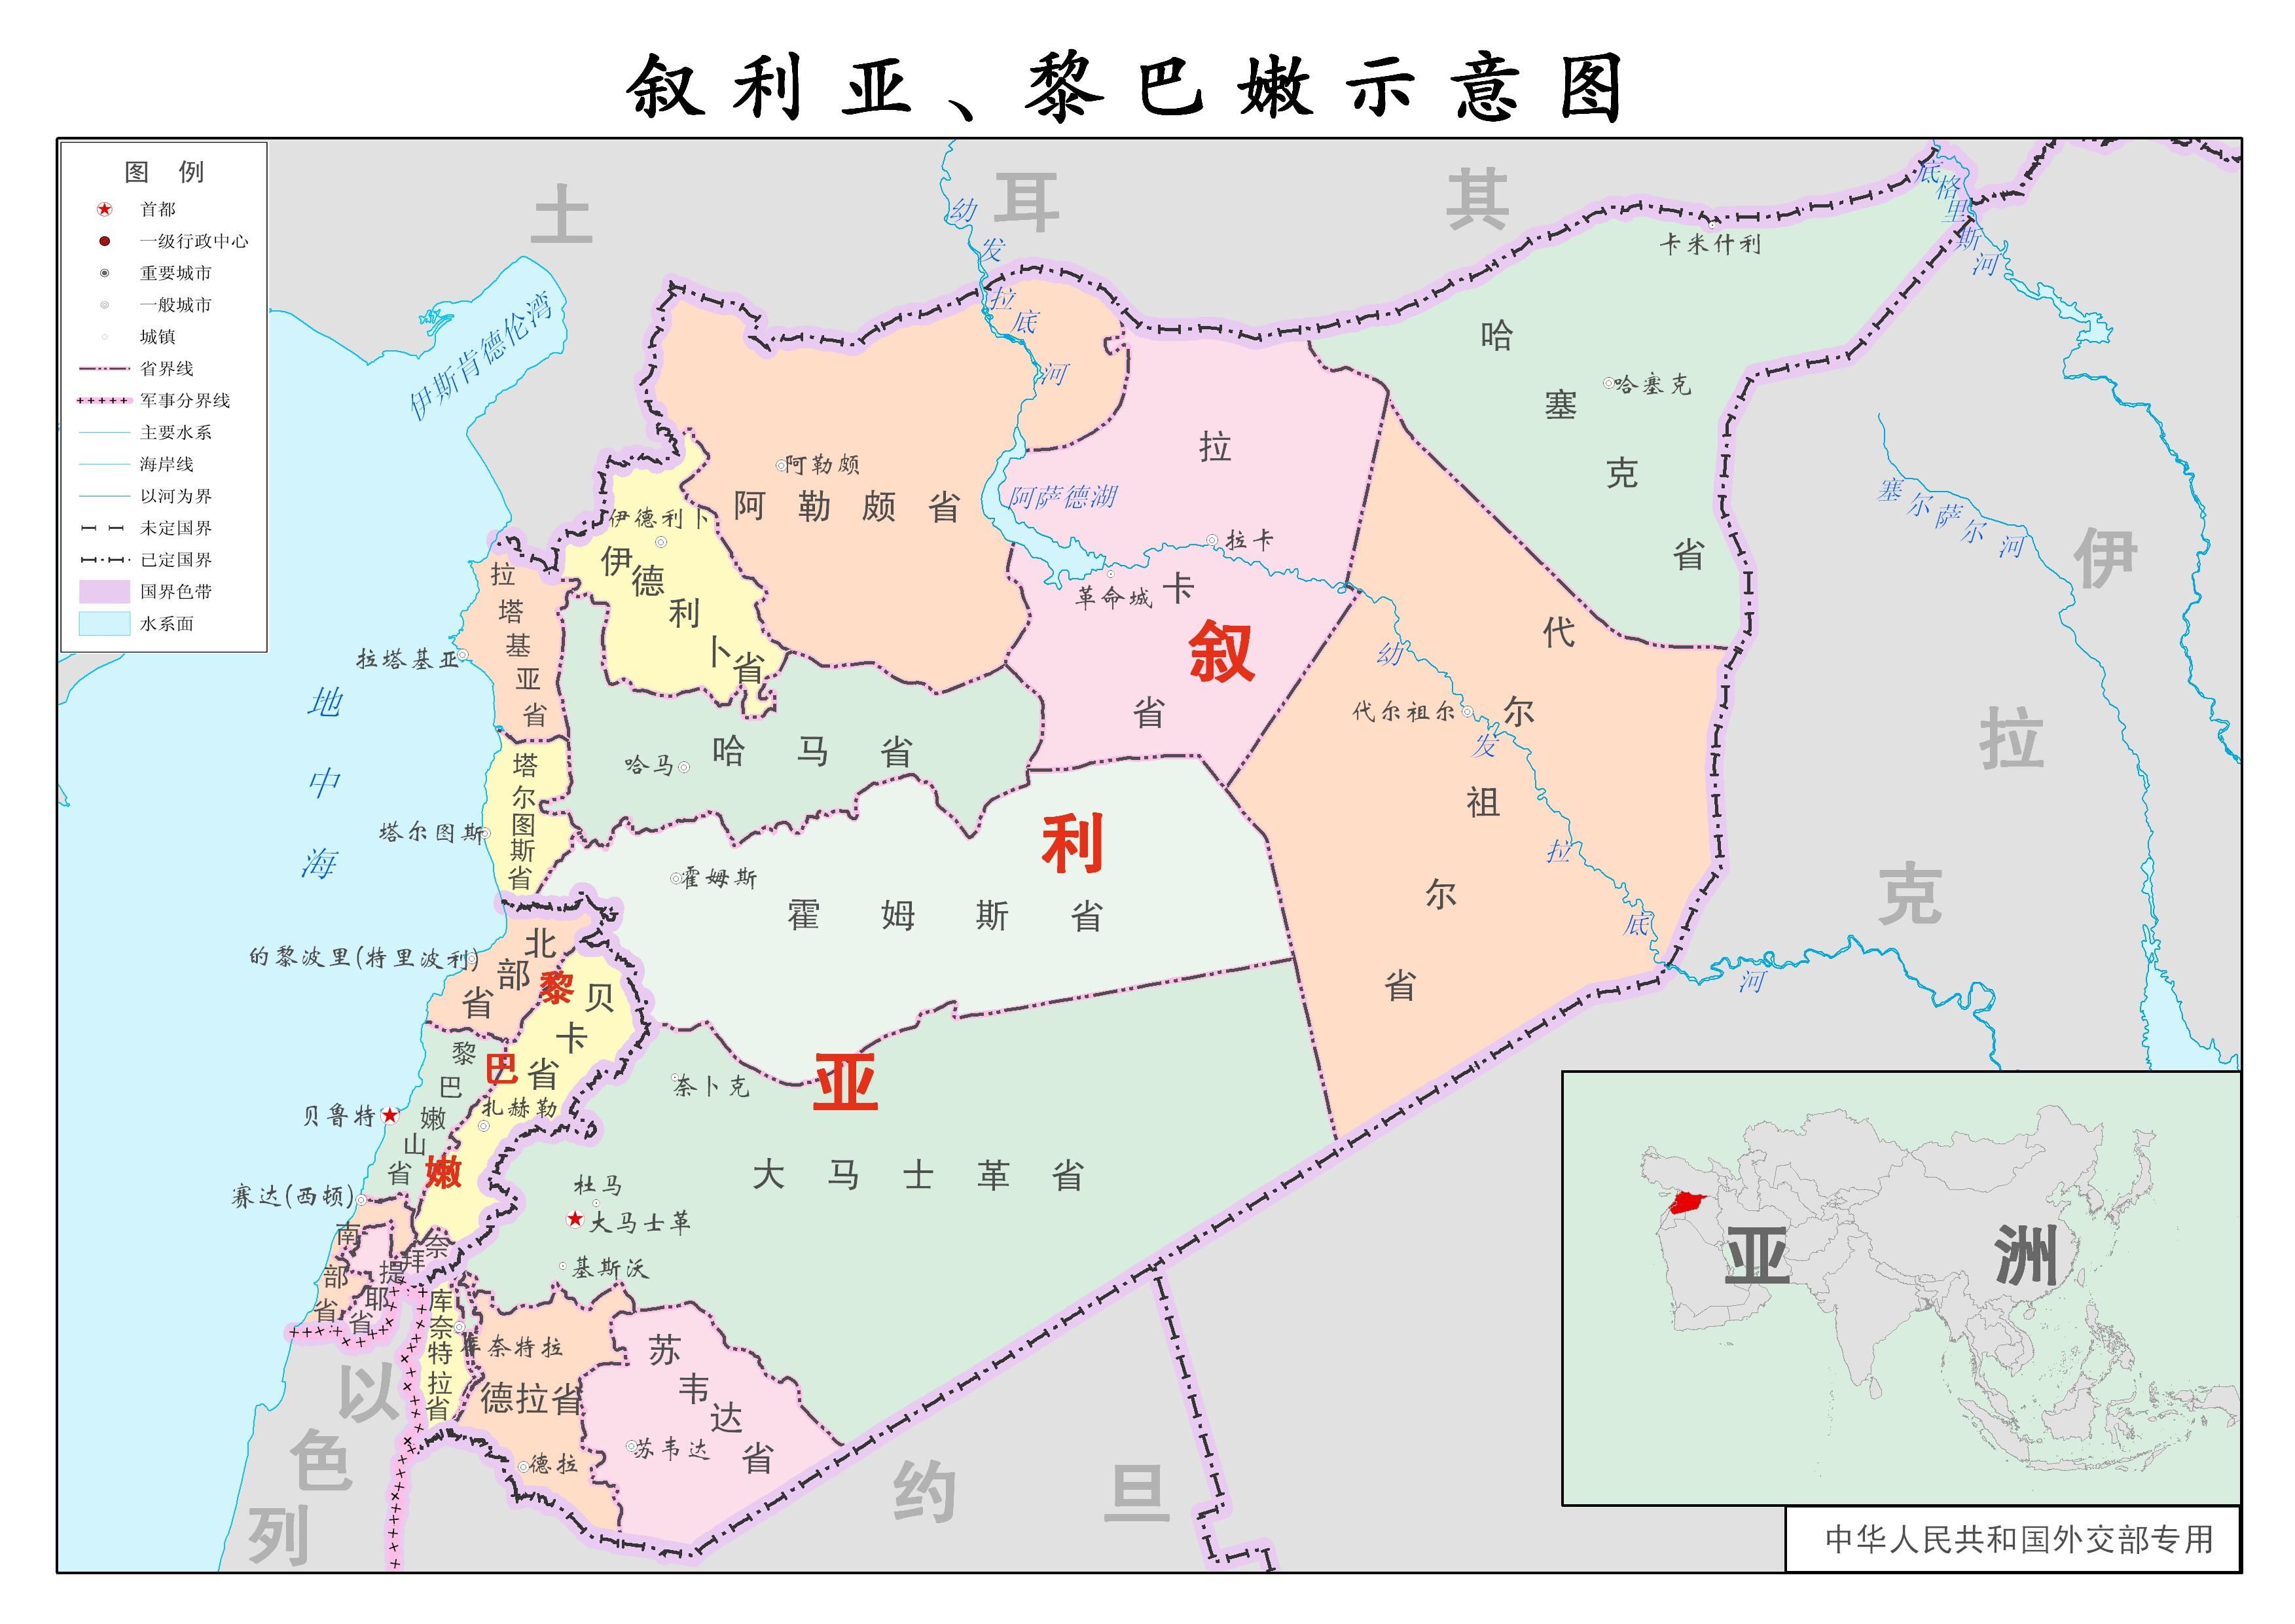 8月1日叙利亚德拉省全部解放 - shufubisheng - 修心练身的博客